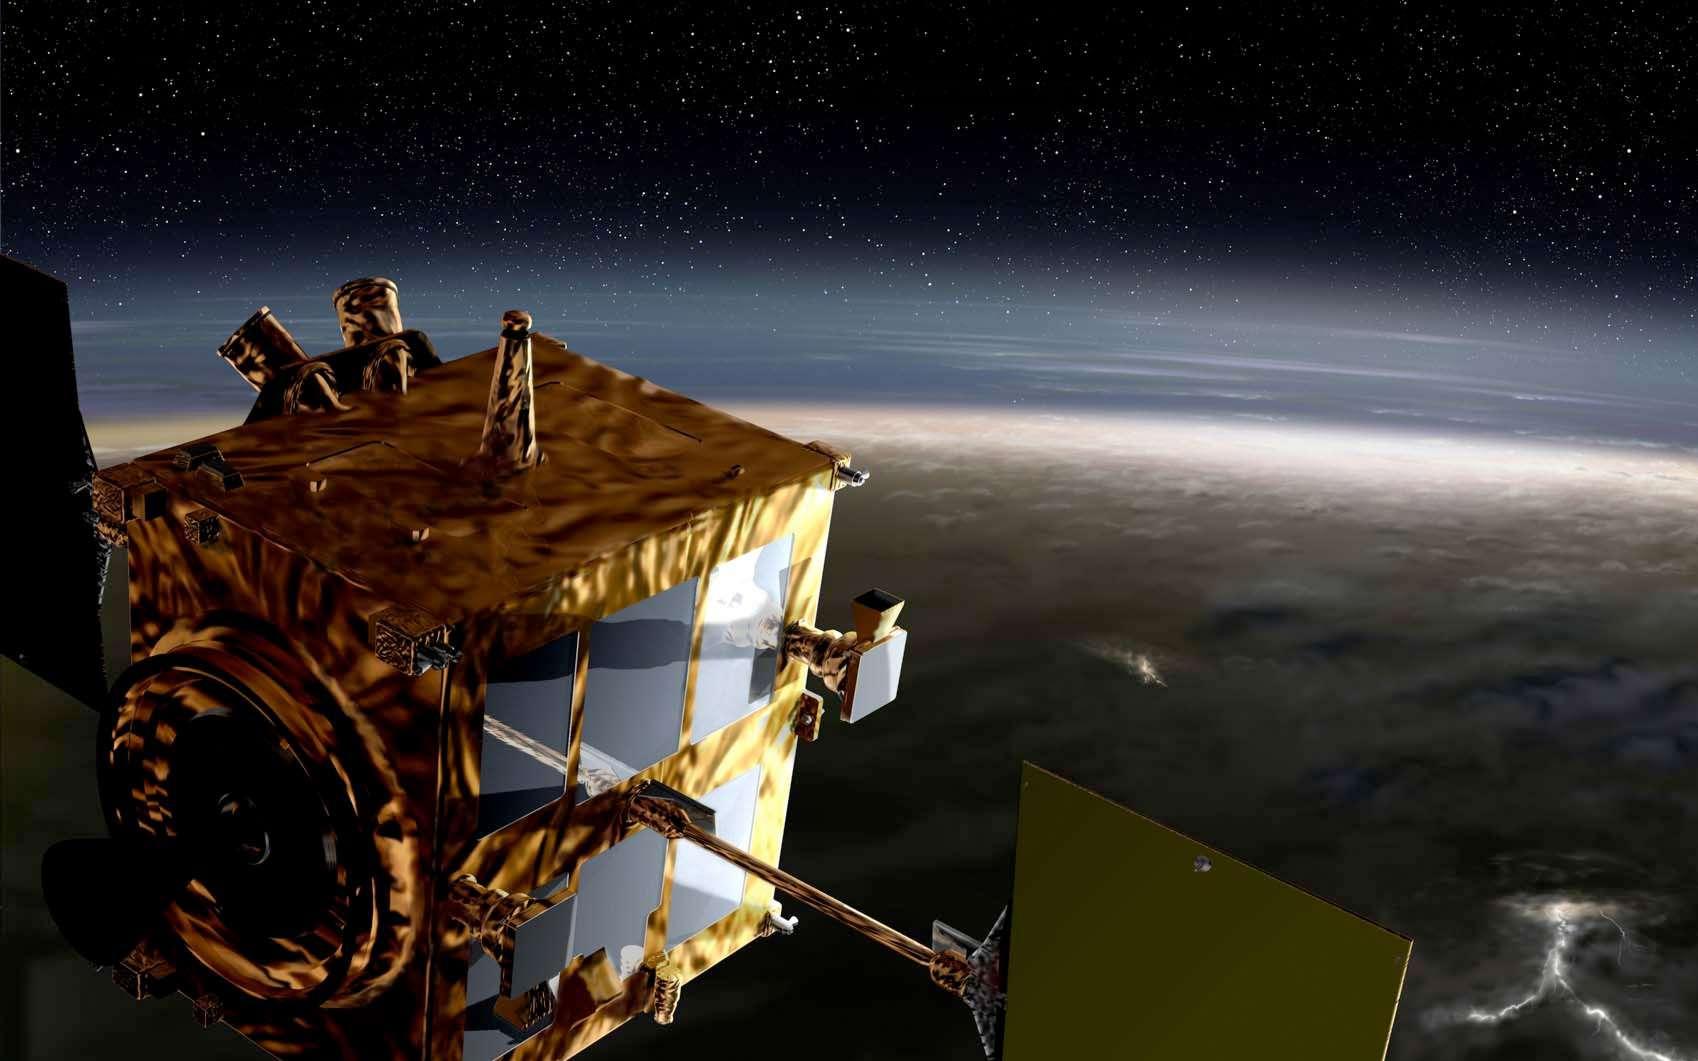 Après l'échec de la satellisation de la sonde Akatsuki autour de Vénus et pour ne pas perdre la mission, la Jaxa a planifié une autre tentative en décembre 2016. Mais d'ici là, la sonde s'approchera à plusieurs reprises du Soleil où elle sera exposée à des températures pour lesquelles elle n'a pas été conçue. Le risque est donc grand de perdre la mission. © Jaxa